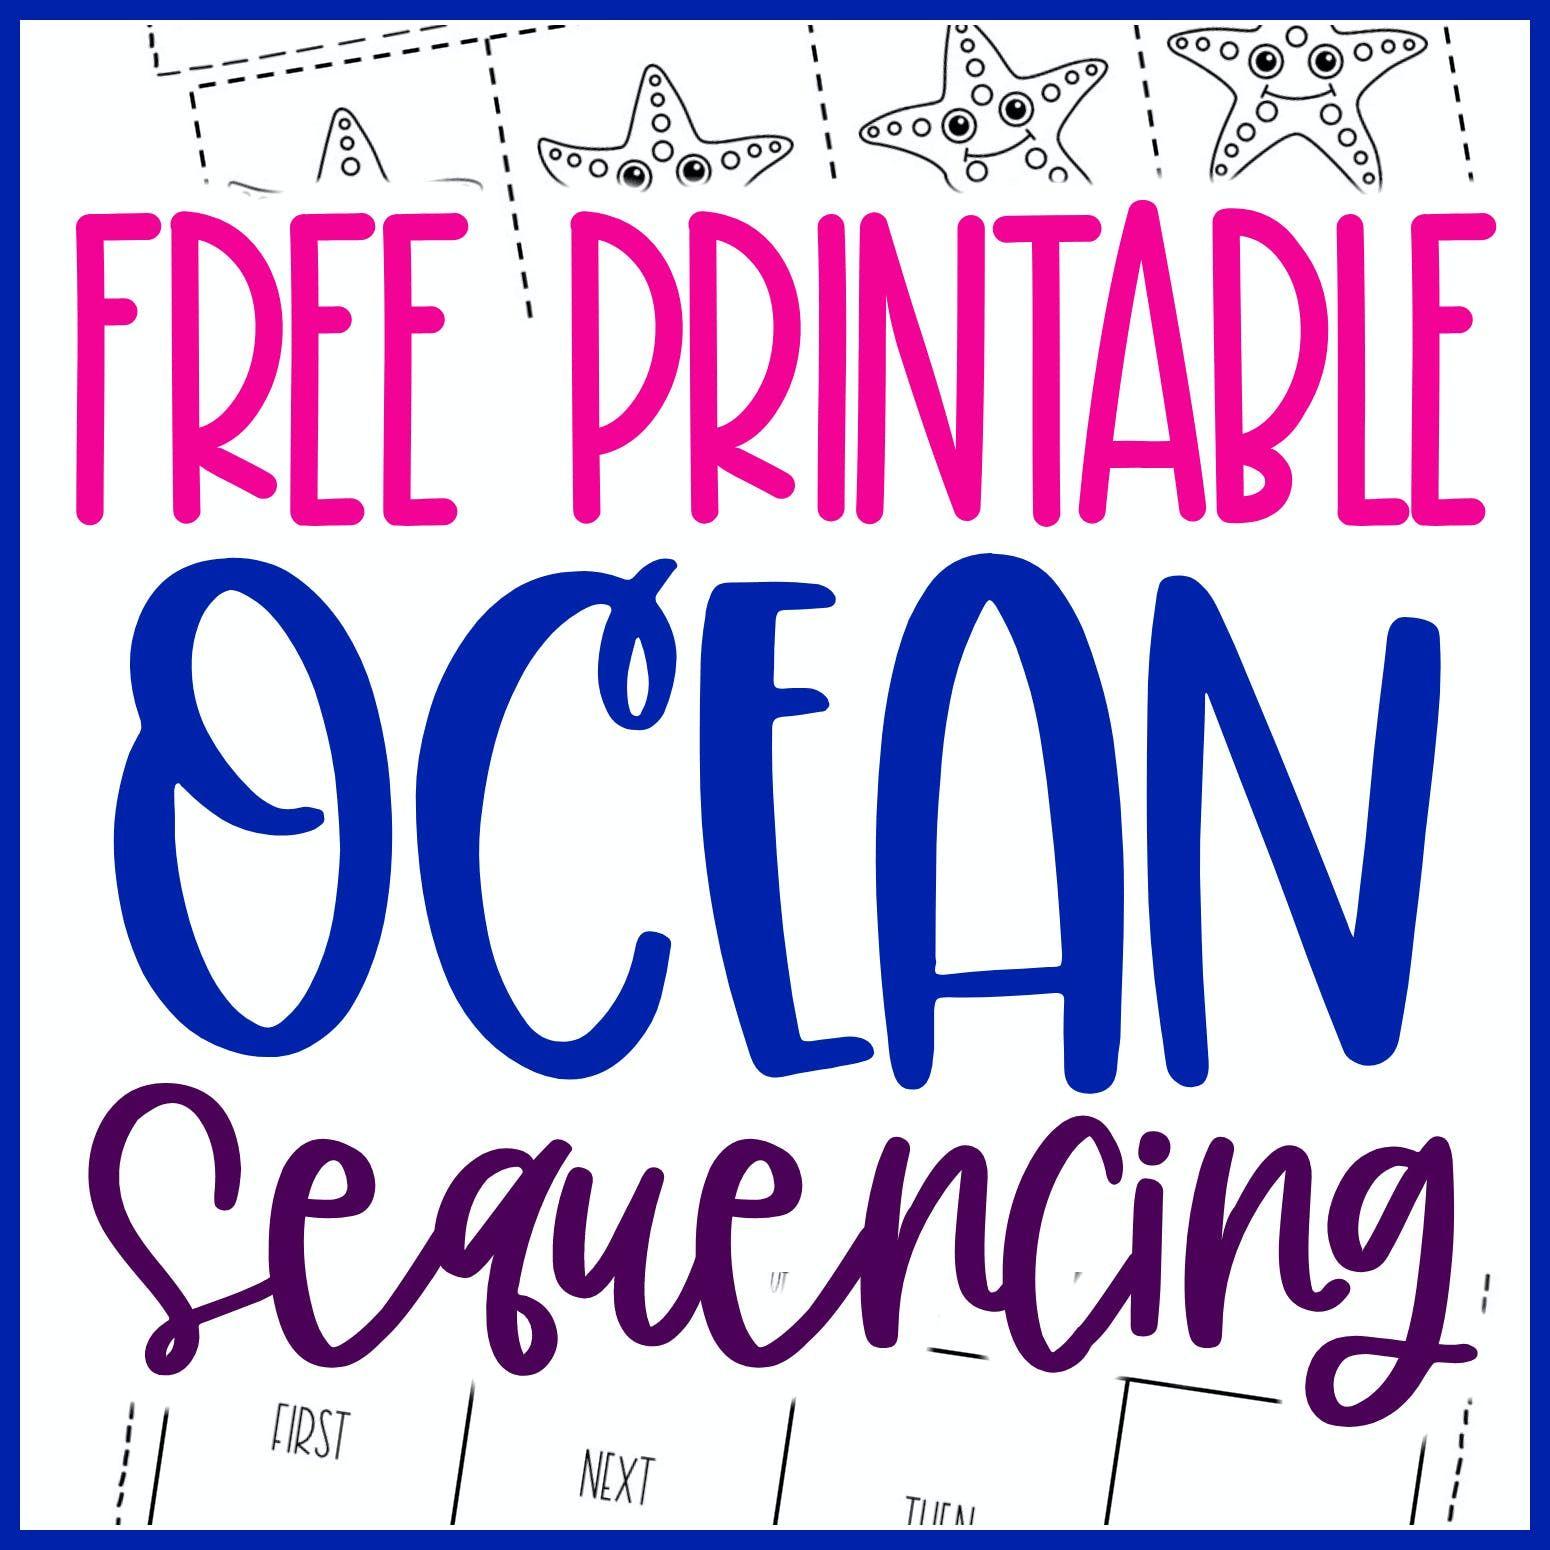 Free Printable Ocean Kindergarten Sequencing Worksheets In